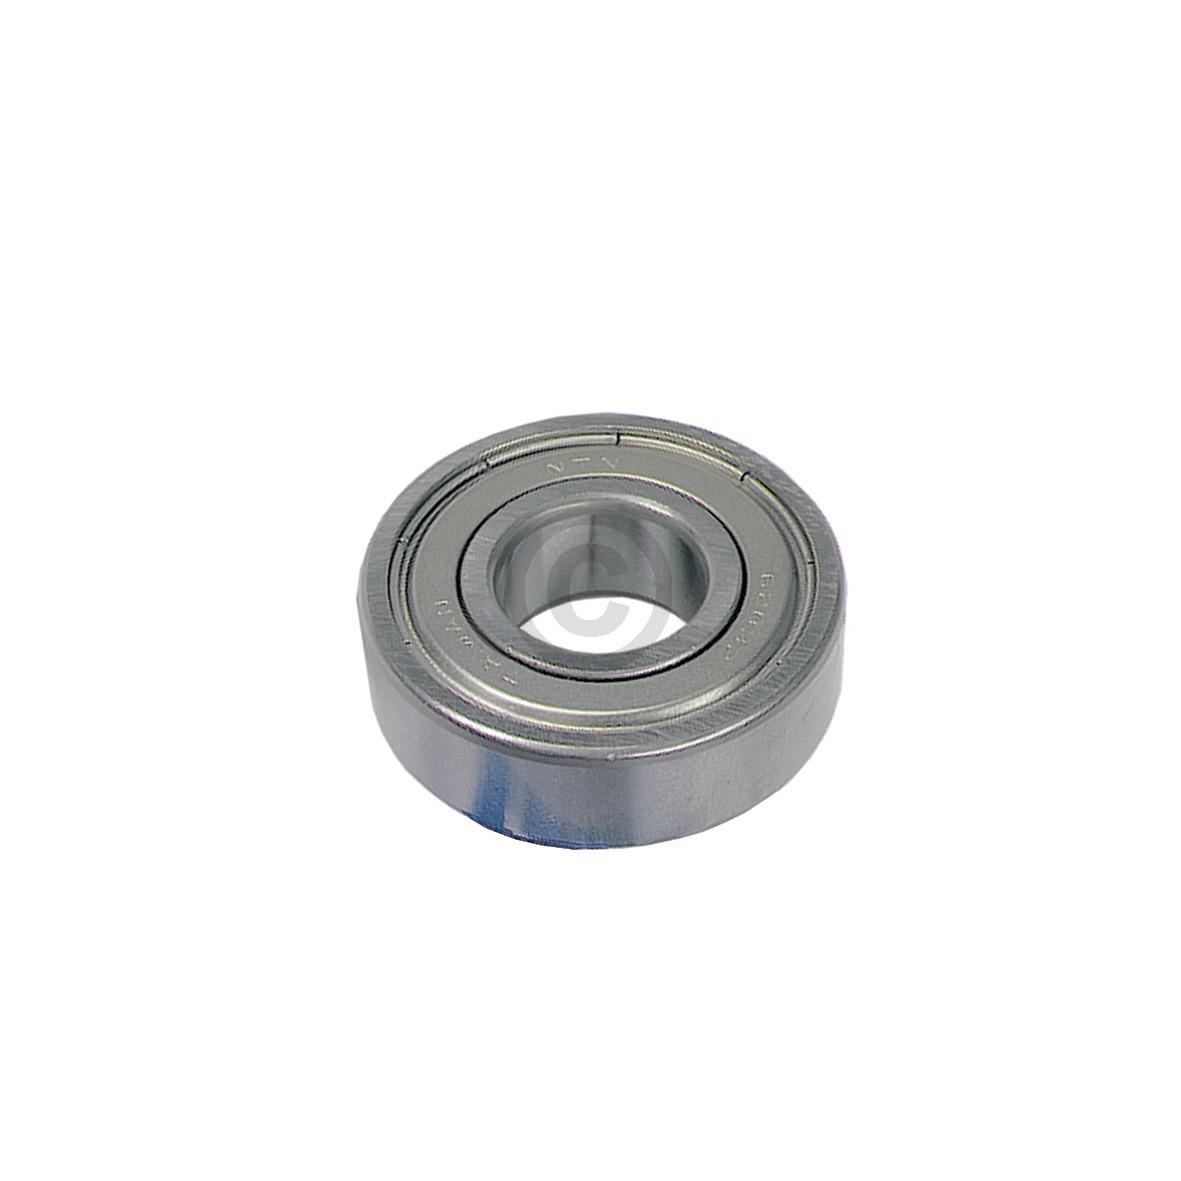 Kugellager 6304 ZZ NTN/SNR universal 20x52x15mm für Waschmaschine